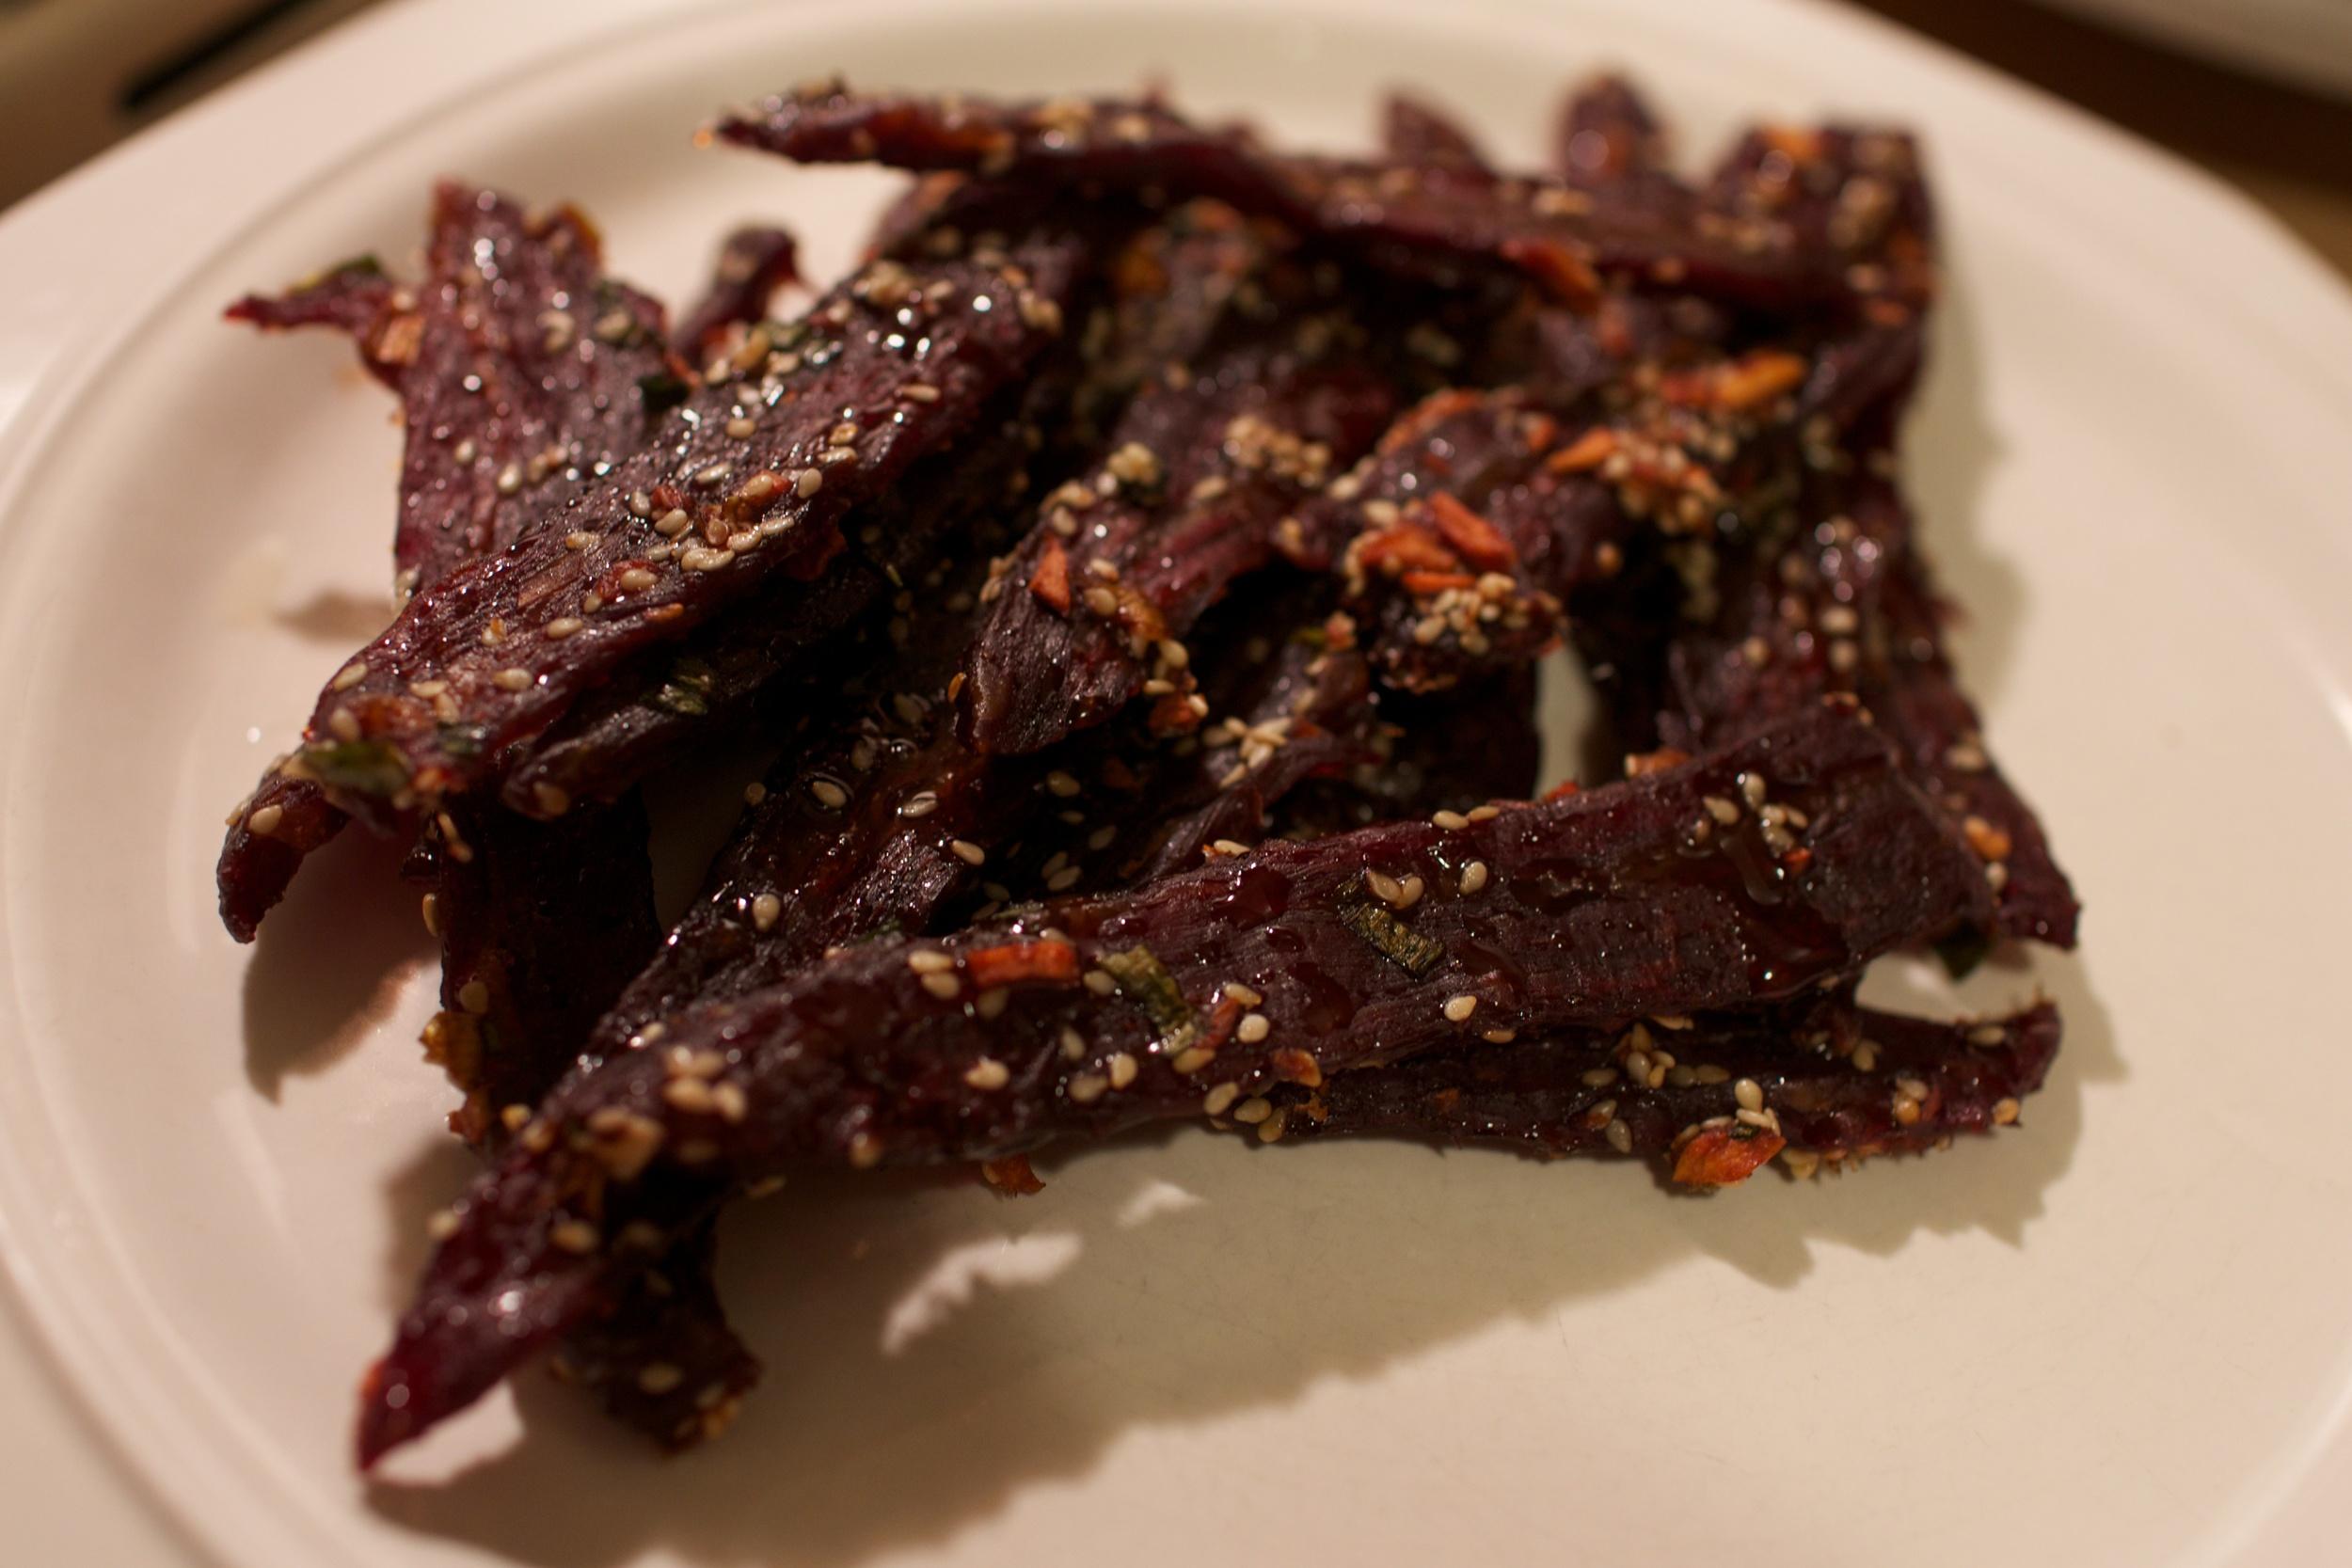 The final product! Korean Bulgogi Beef Jerky!